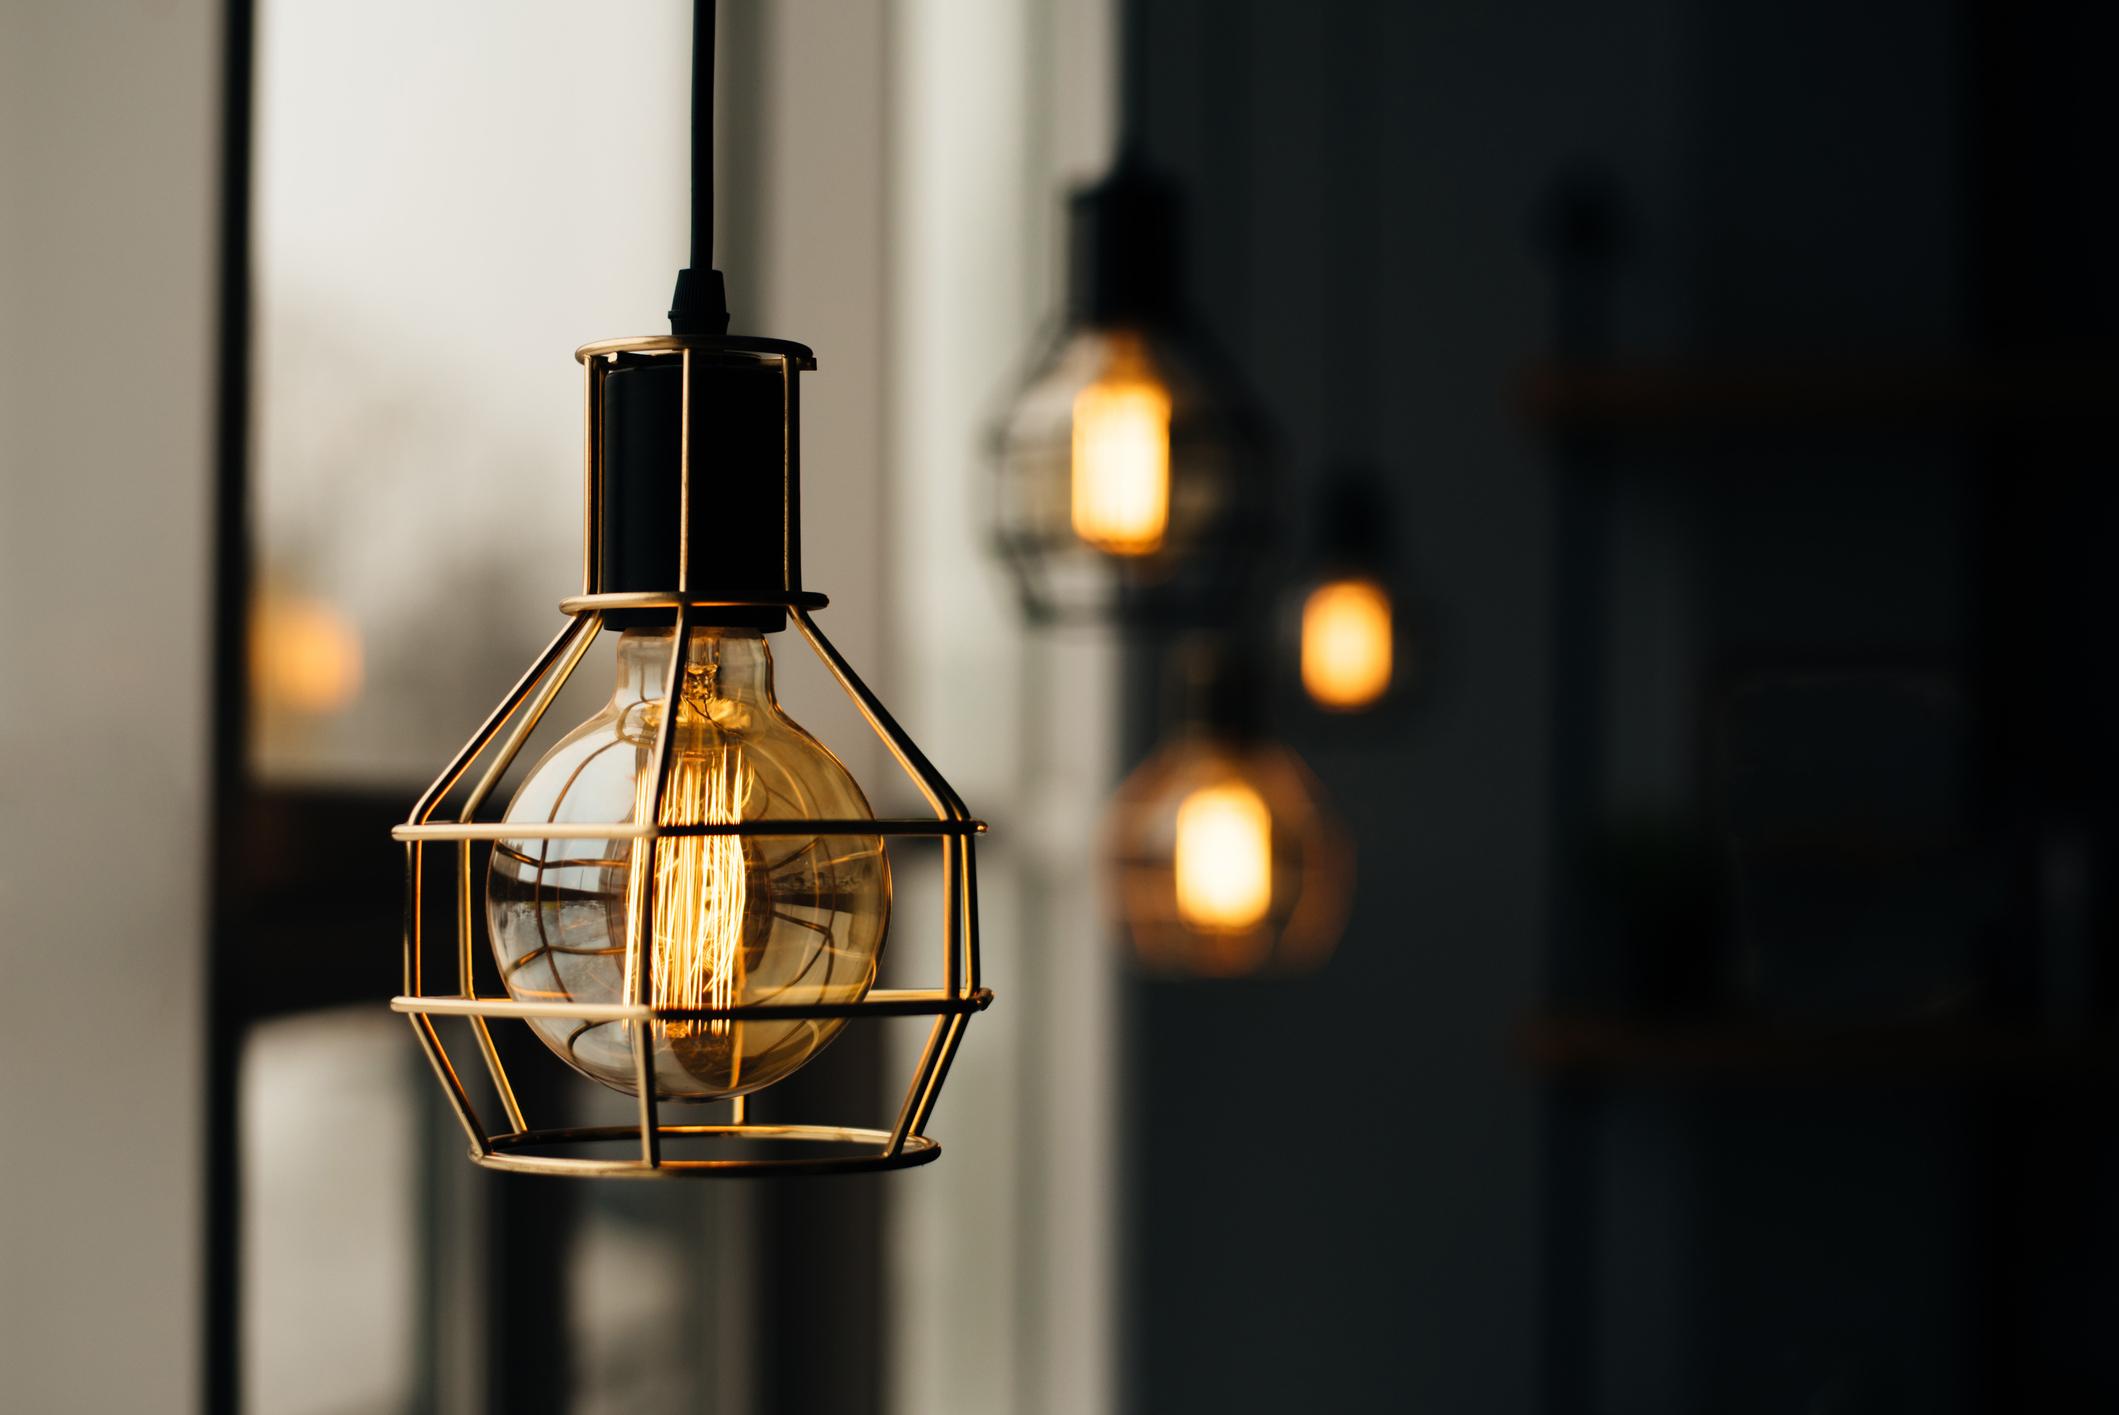 <p>Декоративна лампа</p>  <p>Този подарък е най-подходящ за онези ваши близки или приятели, които харесват модерният вид на дома. Тези лампи са изключителен хит в интериорния дизайн и успяват да внесе модерен и уютен облик на всяко помещение. Подобни лампи можете да откриете в почти всички магазини, в които се продават осветителни тела. Все пак не забравяйте да напомните, че светлината от лампата, ще е тази, която да топли душата, когато вие не сте наблизо.</p>